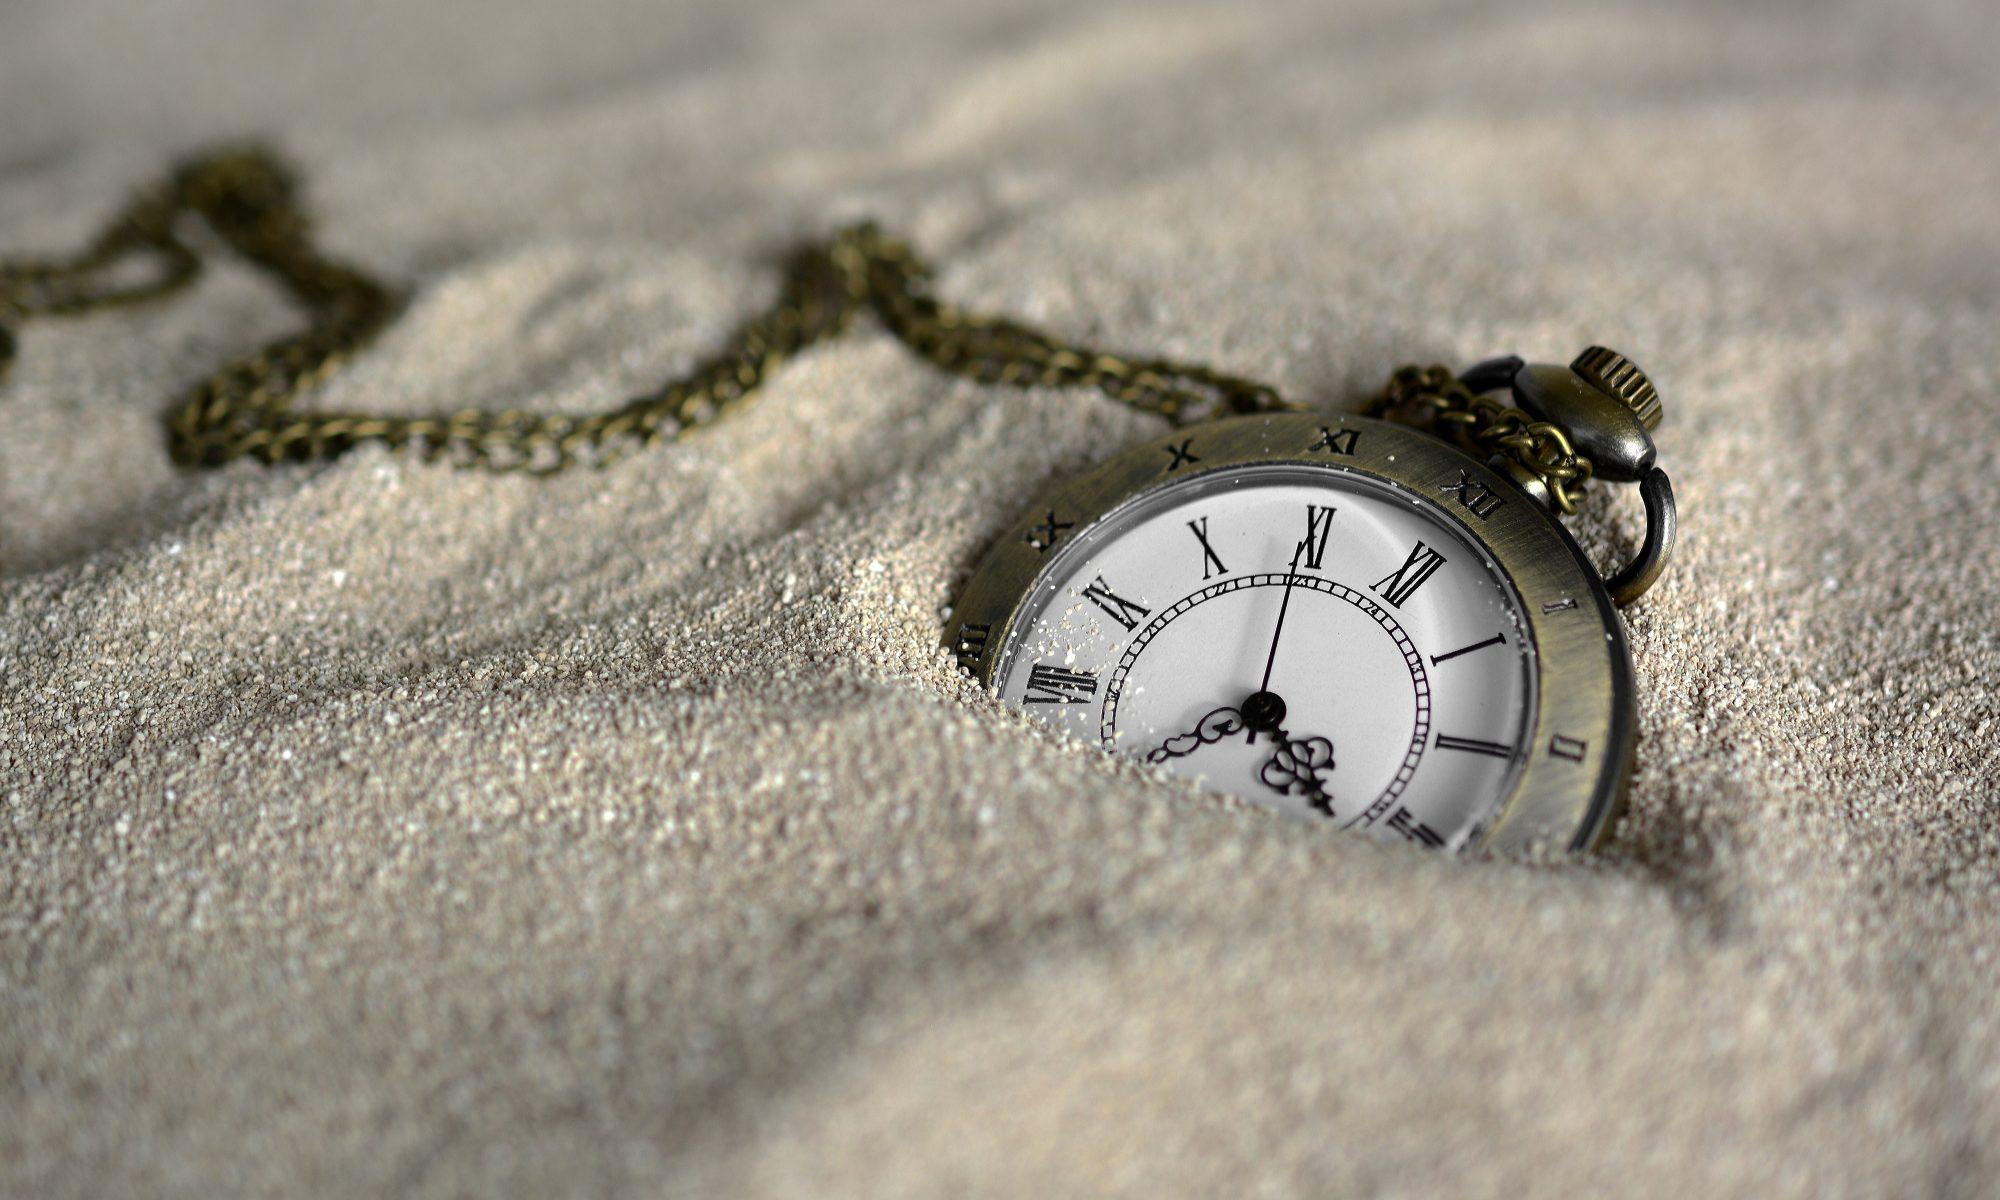 amener un client à surmonter sa procrastination; l'outiller pour qu'il commence à agir dans l'ici et maintenant.